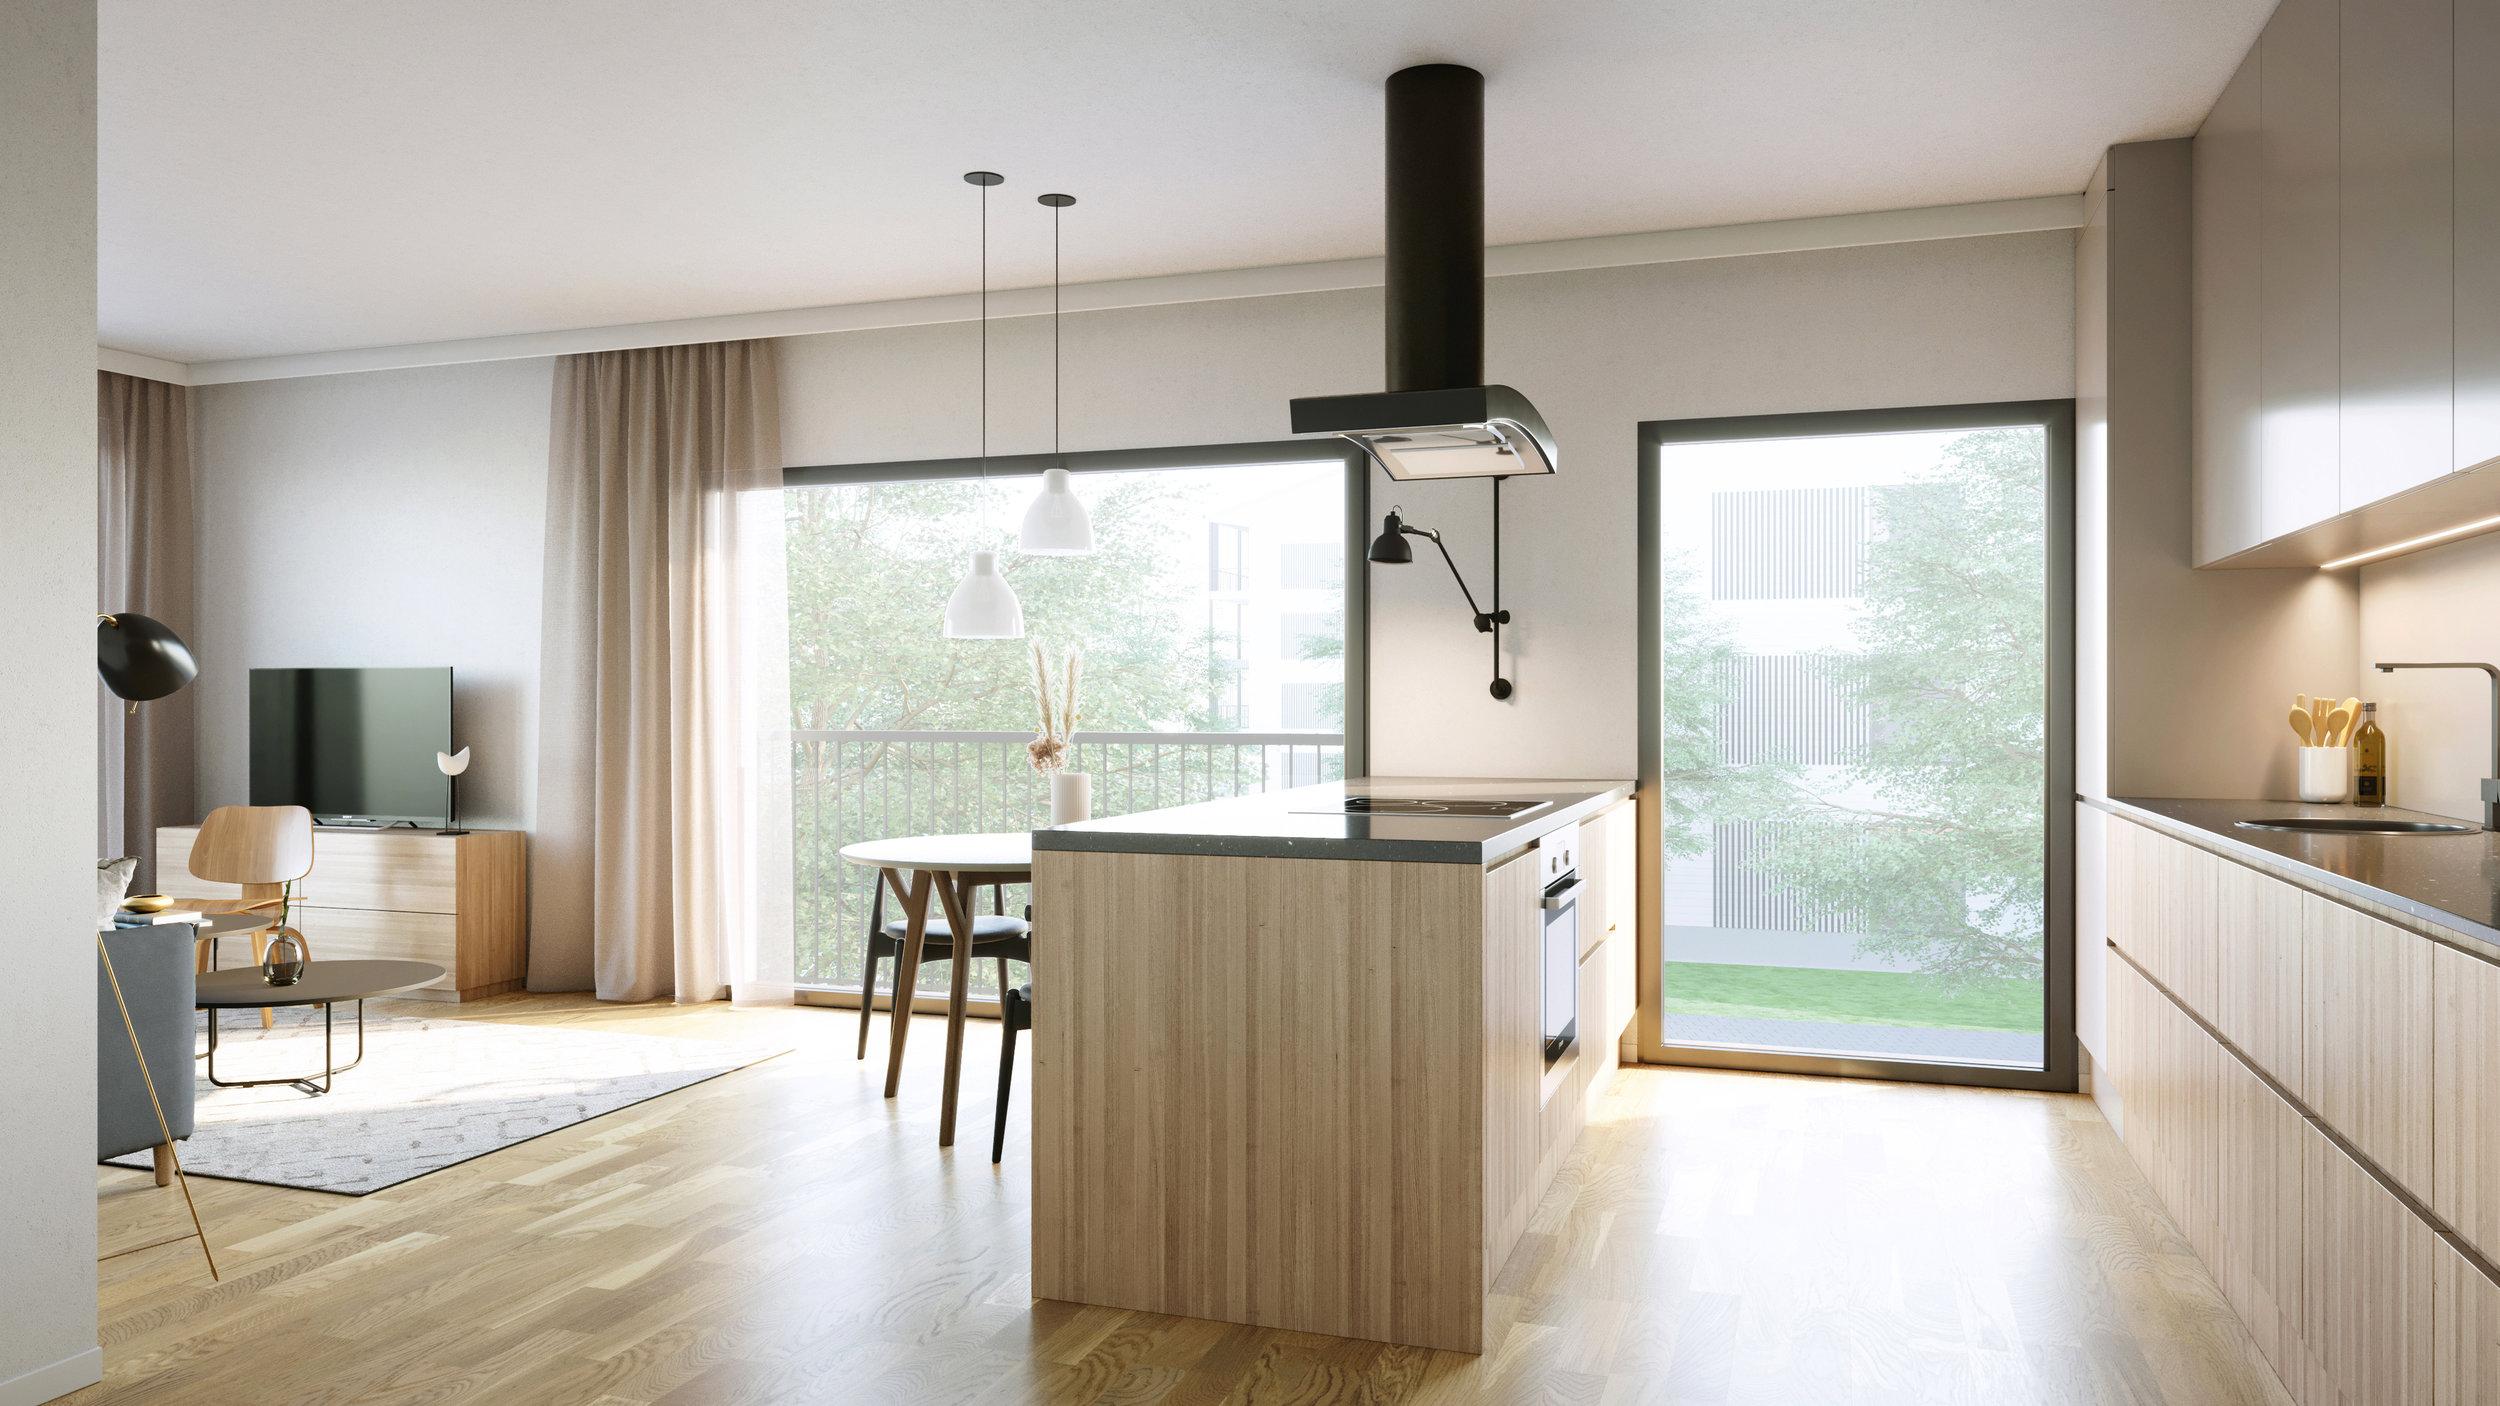 u179_unrealer_icon_riihimaki_interior_04a_kitchen_cappuccino.jpg